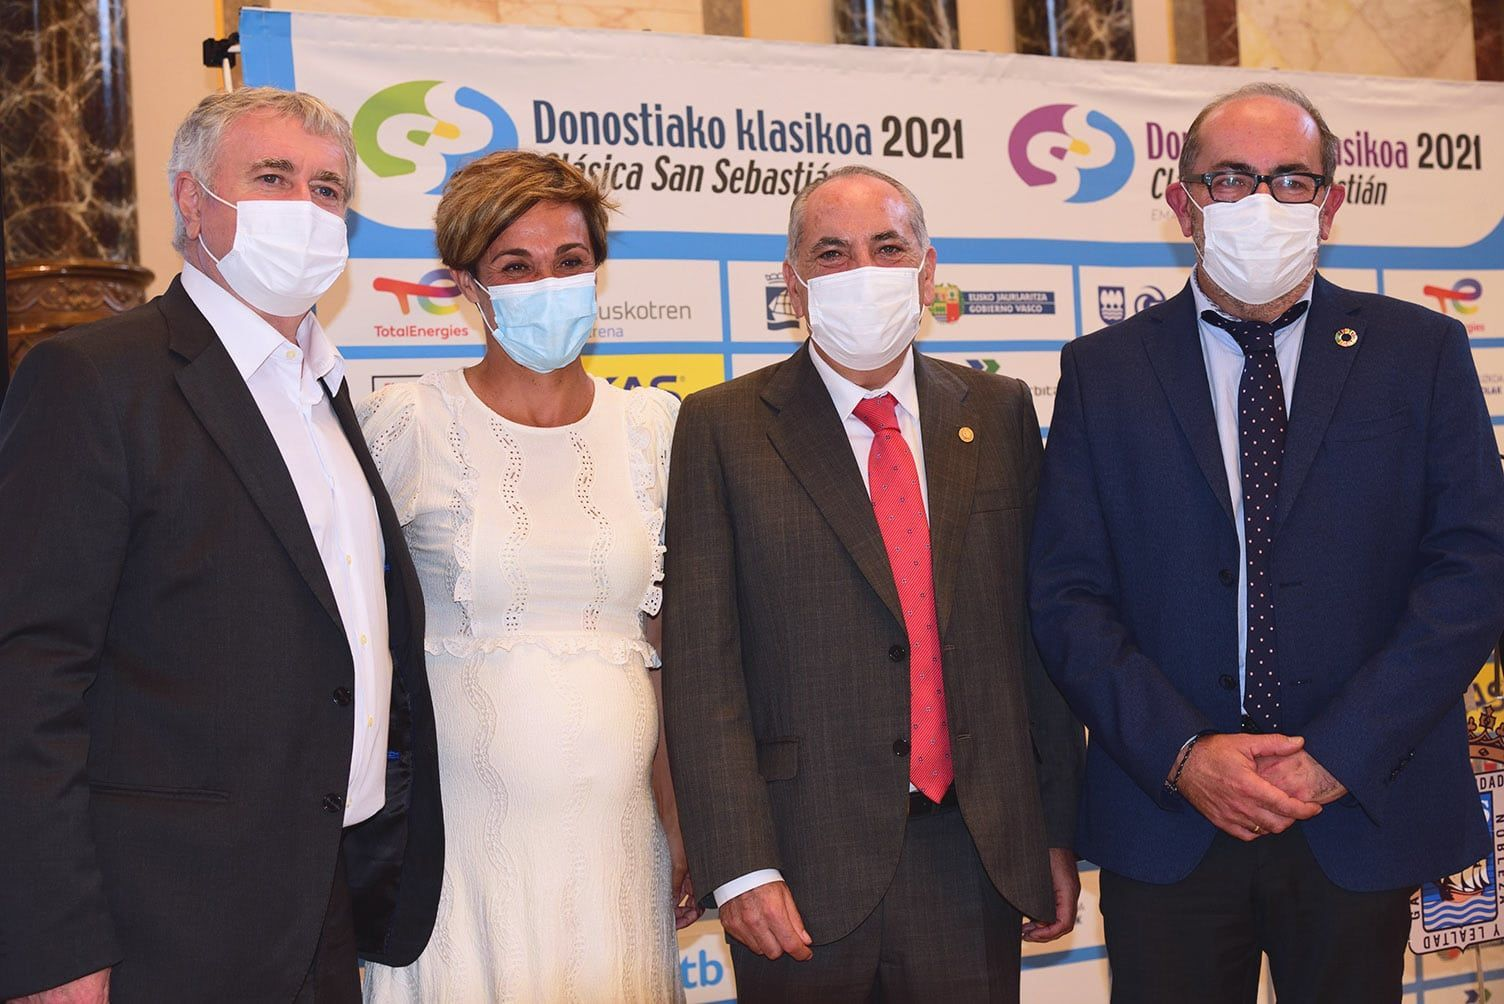 Euskotren se convierte en Patrocinador de la Clásica San Sebastián